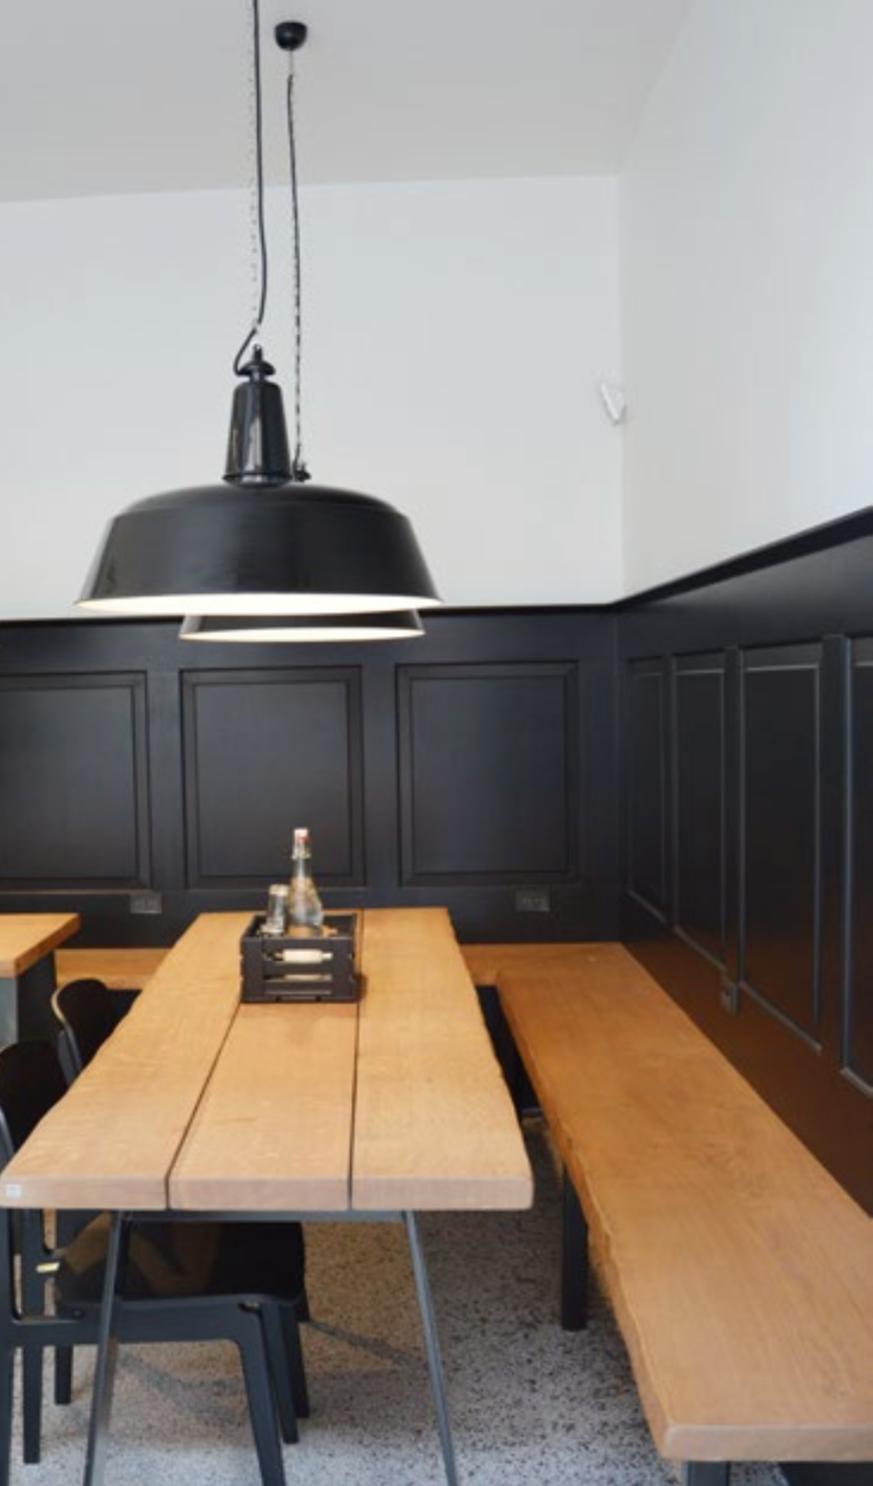 Beste Grote industriele lamp in huis - Verlichting van Toen VX-96